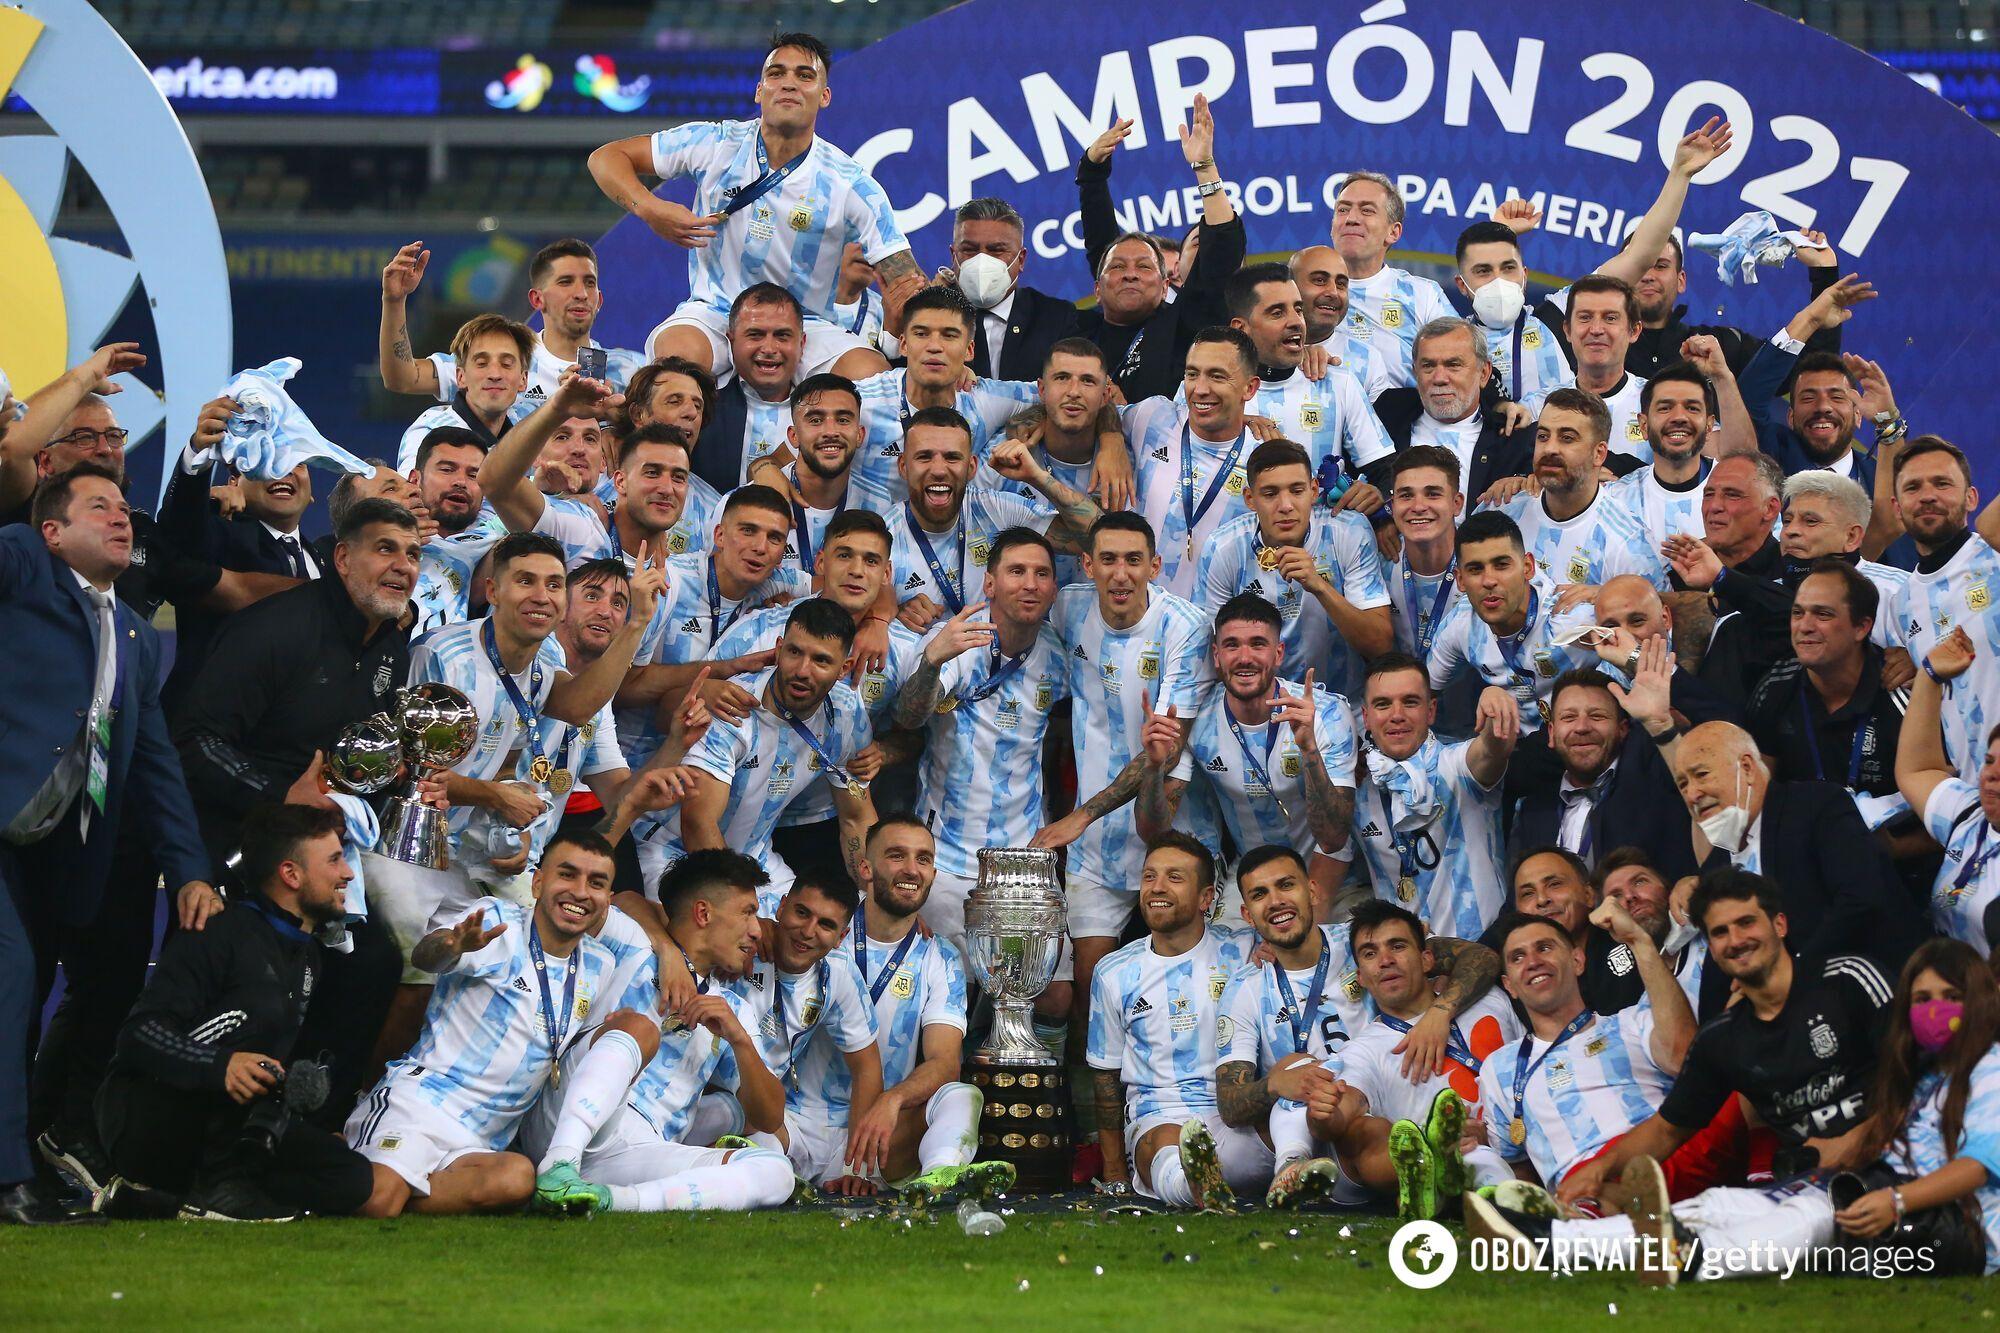 Аргентина обыграла Бразилию.